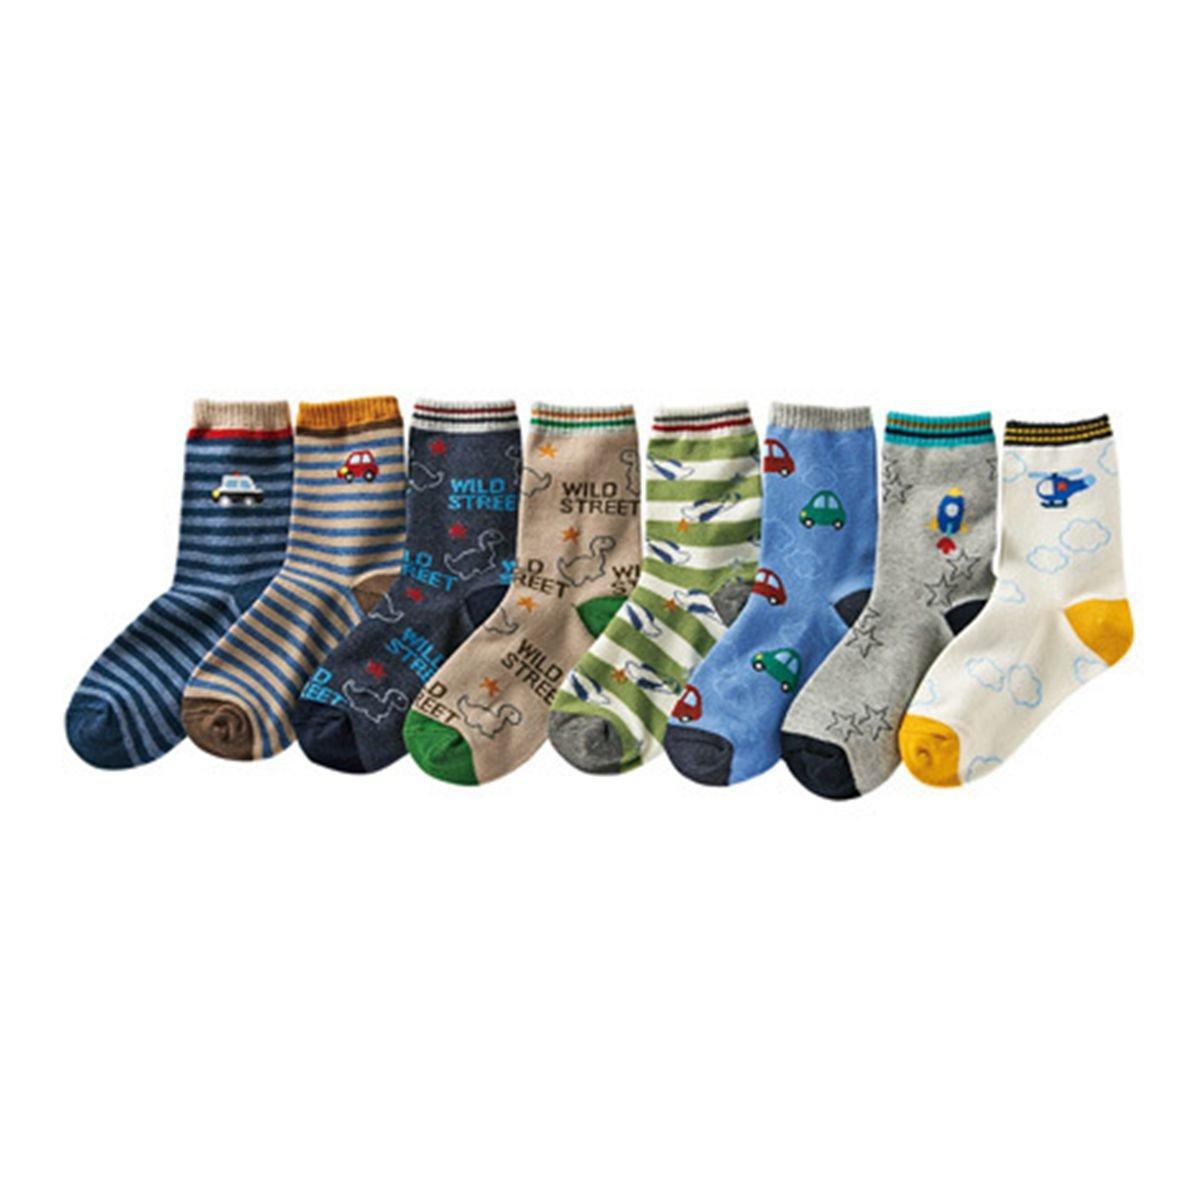 Boys Short Socks Fashion Cartoon Dinosaurs Cotton Basic Crew Kids Socks 10 Pair Pack